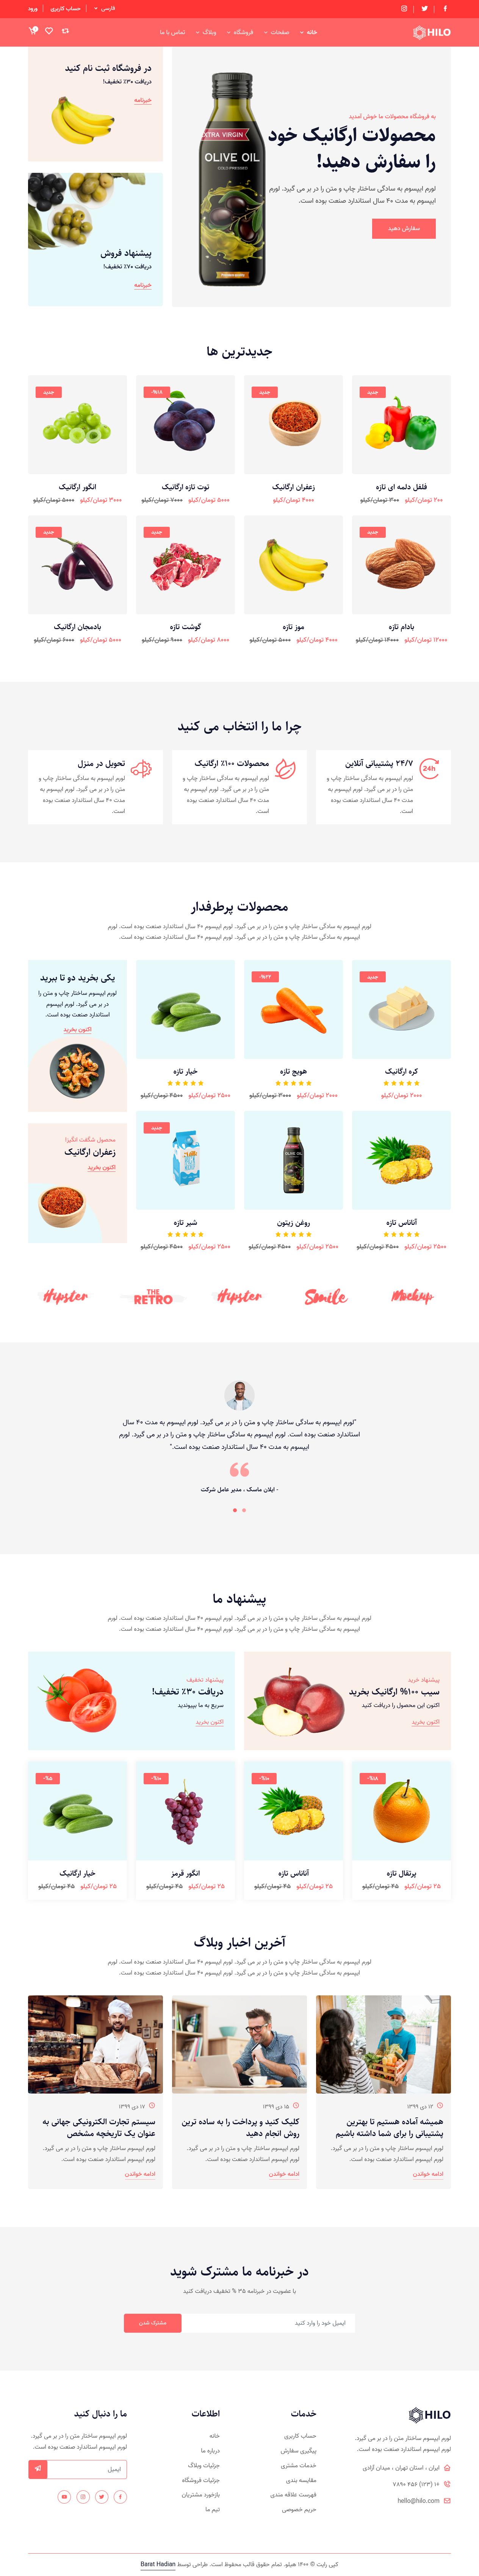 قالب Hilo، قالب HTML فروشگاهی محصولات ارگانیک هیلو